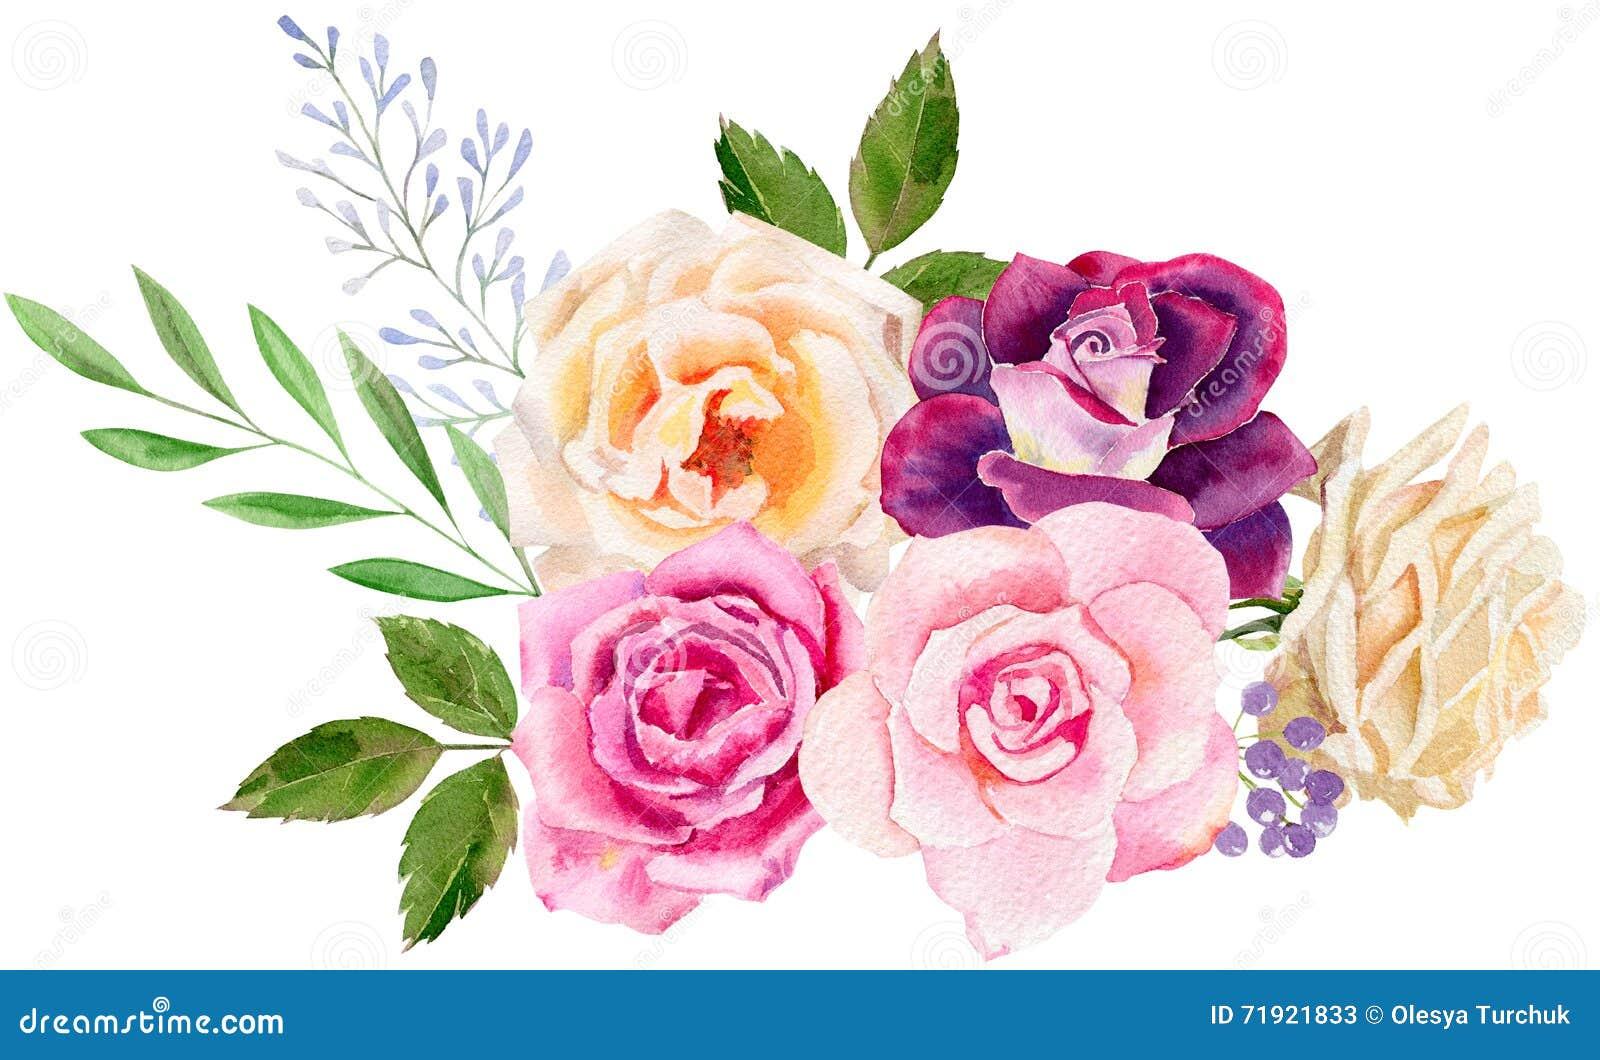 Plantilla pintada a mano del clipart de la maqueta de la acuarela de rosas